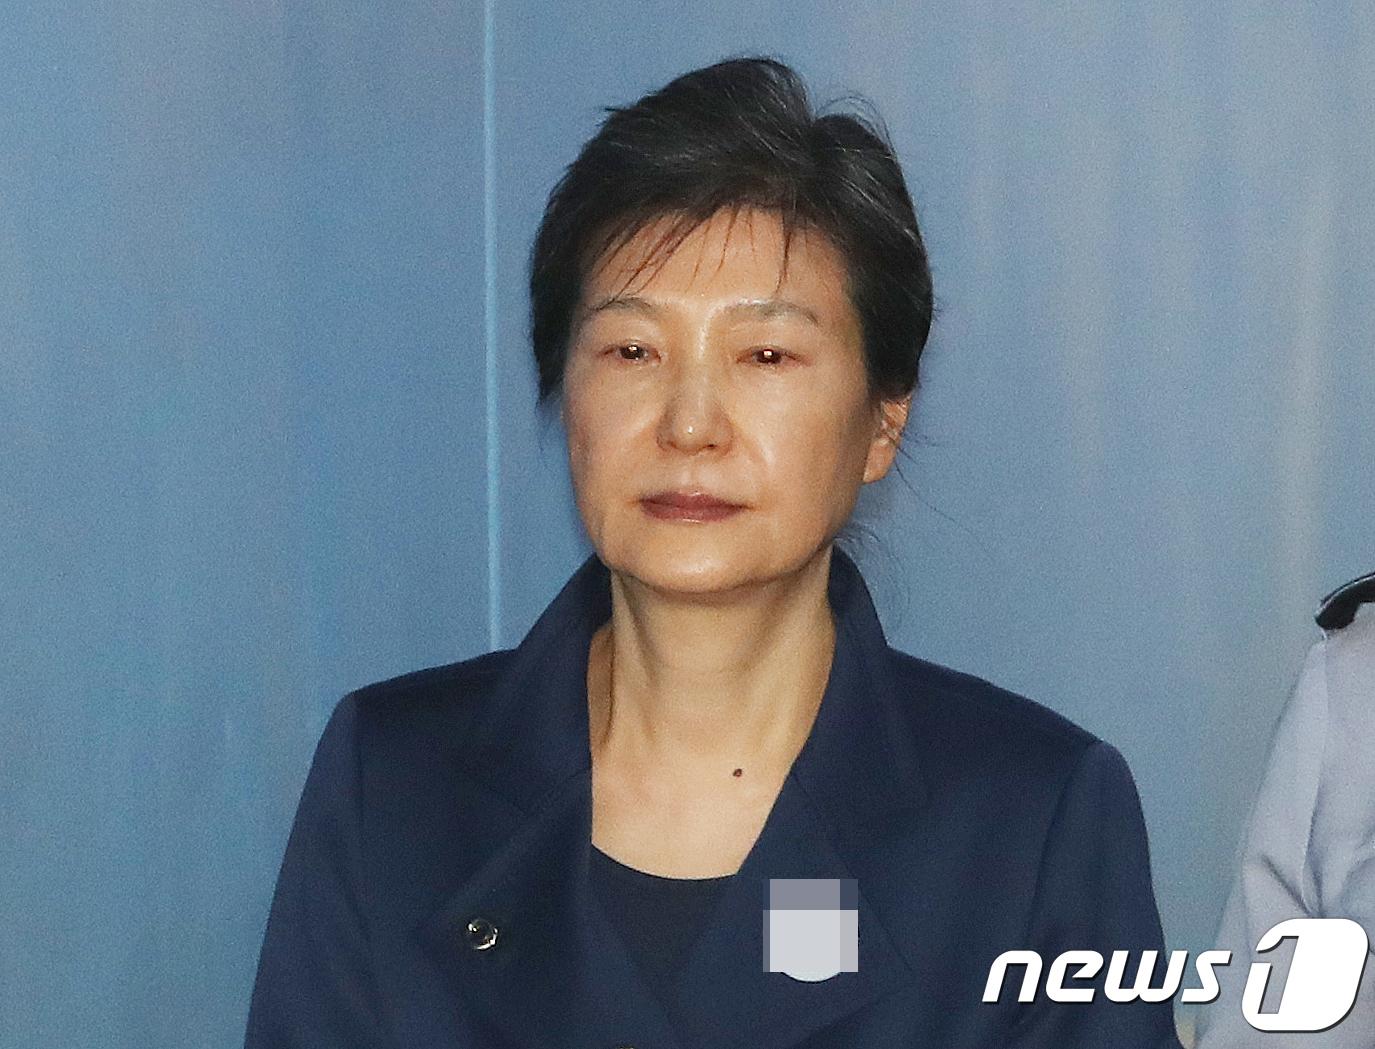 박근혜 '국정농단·특활비' 파기환송심서 징역 20년(2보)[리치 토토|아우디 토토]